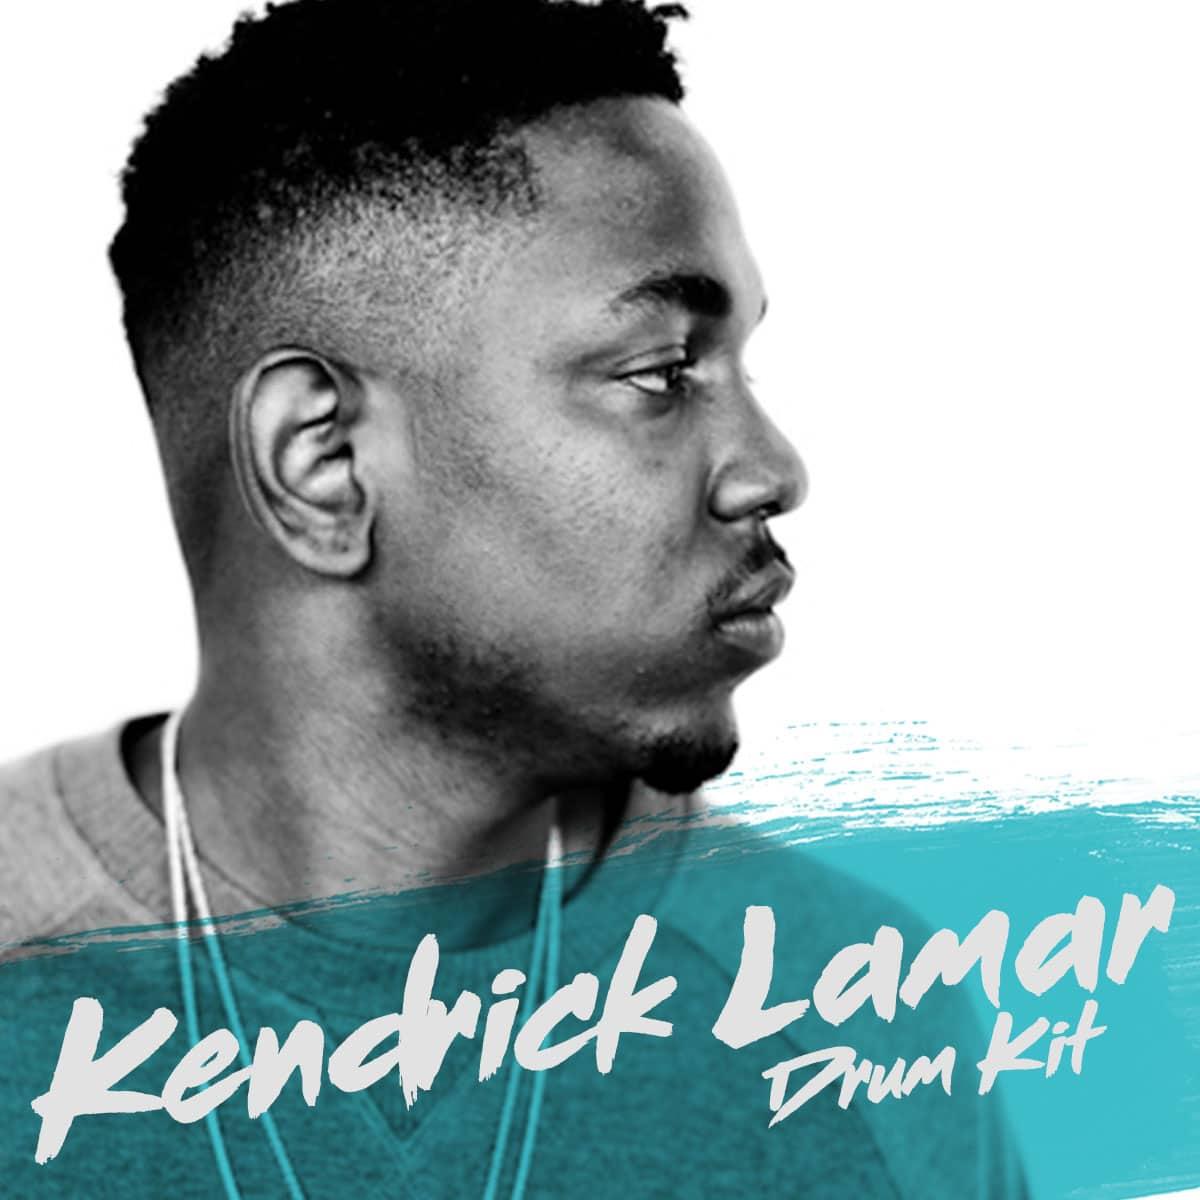 Kendrick lamar drum kit beat production - Kendrick lamar swimming pools radio edit ...